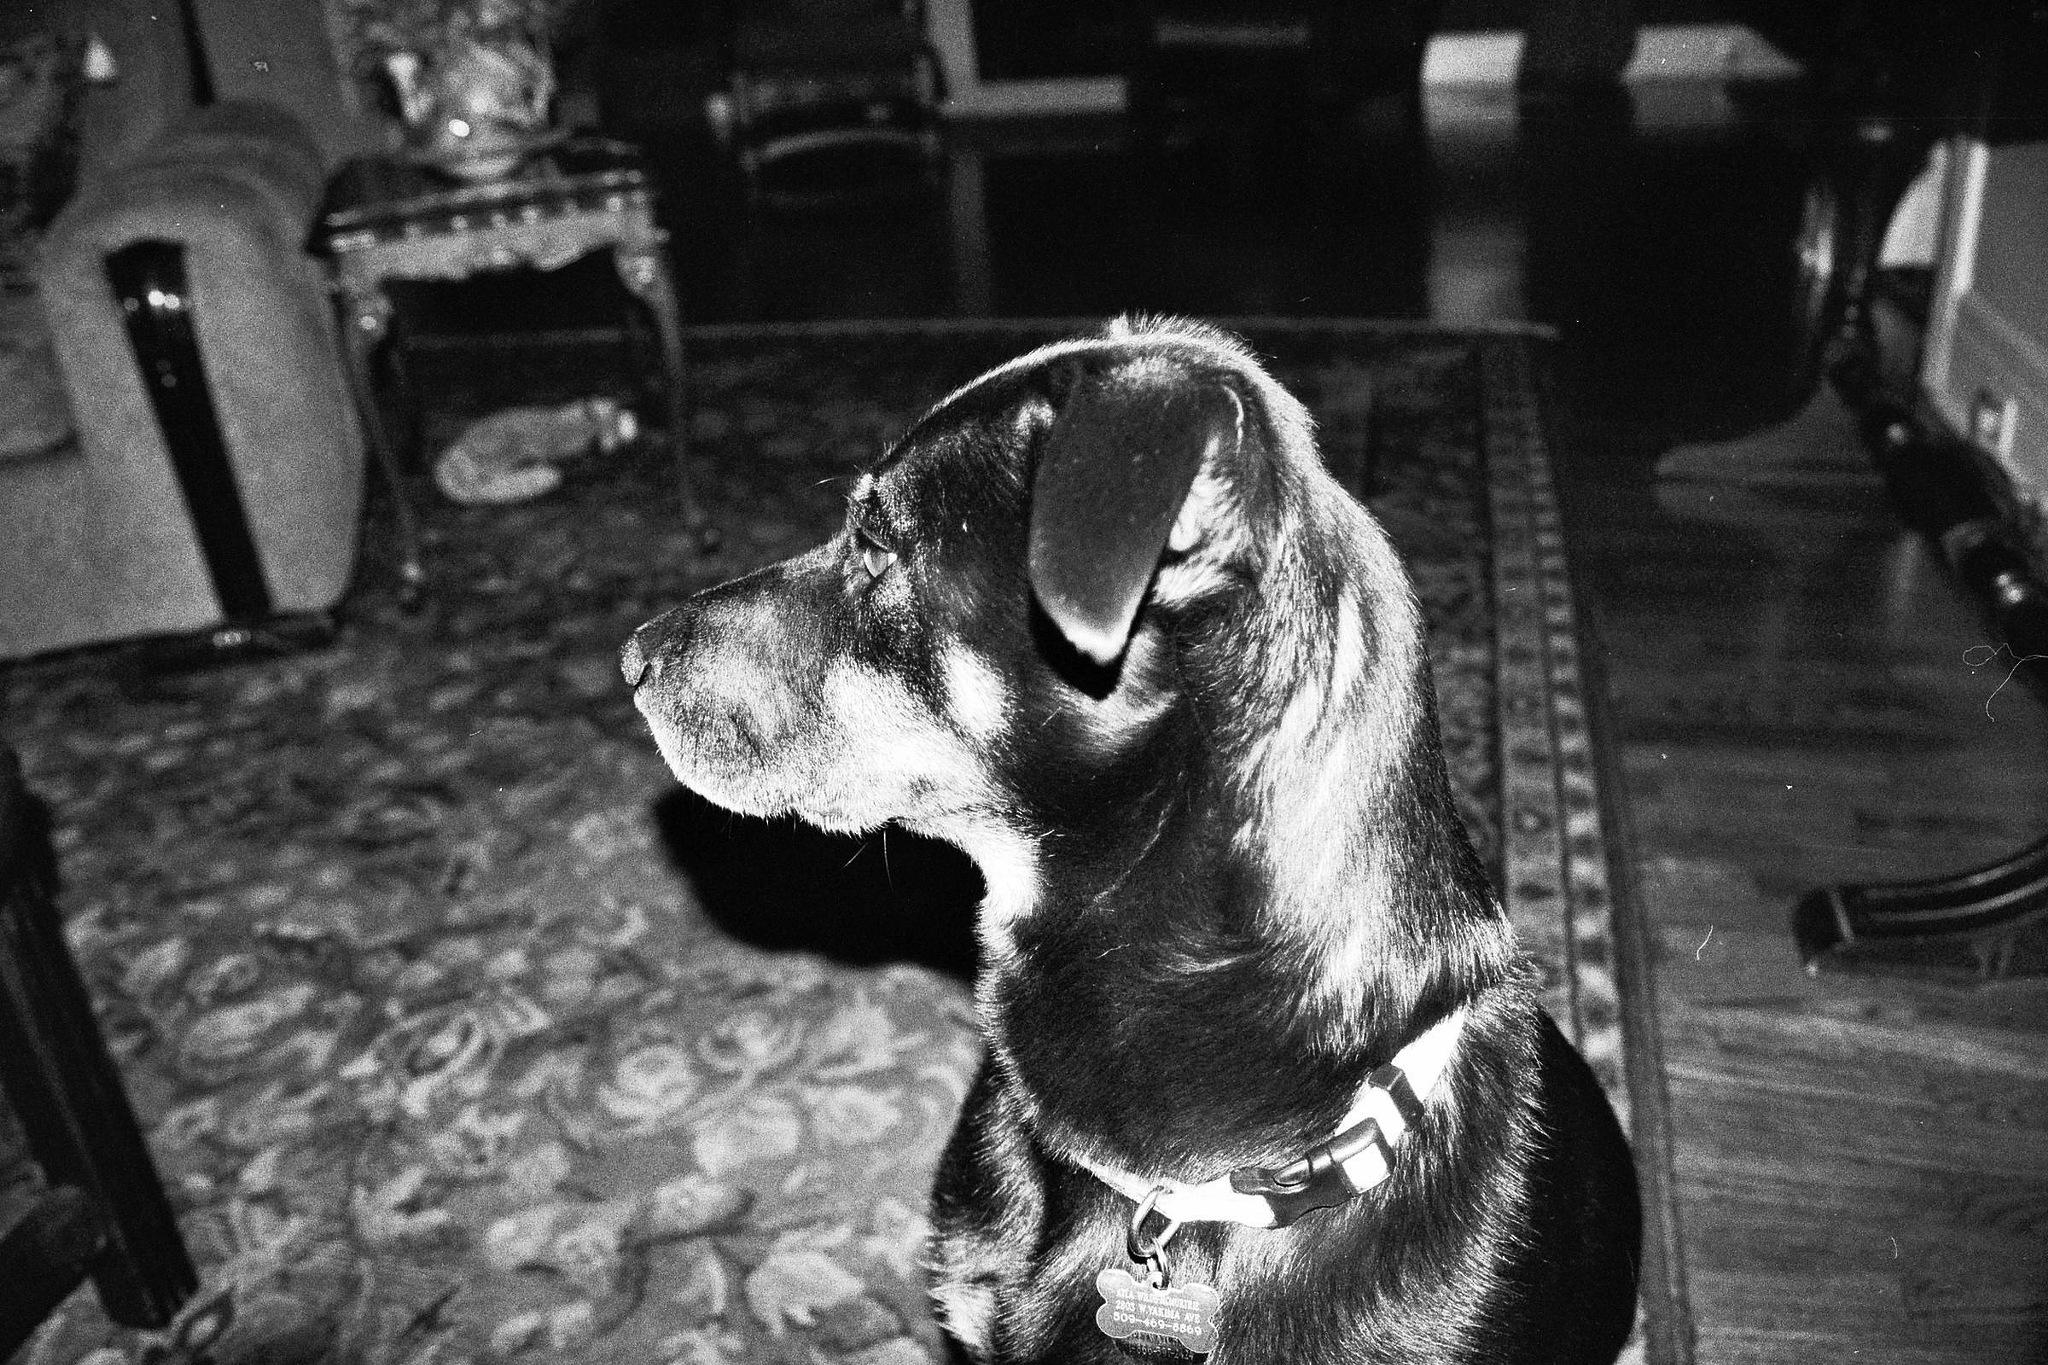 Portrait of my dog by jeniferwilde